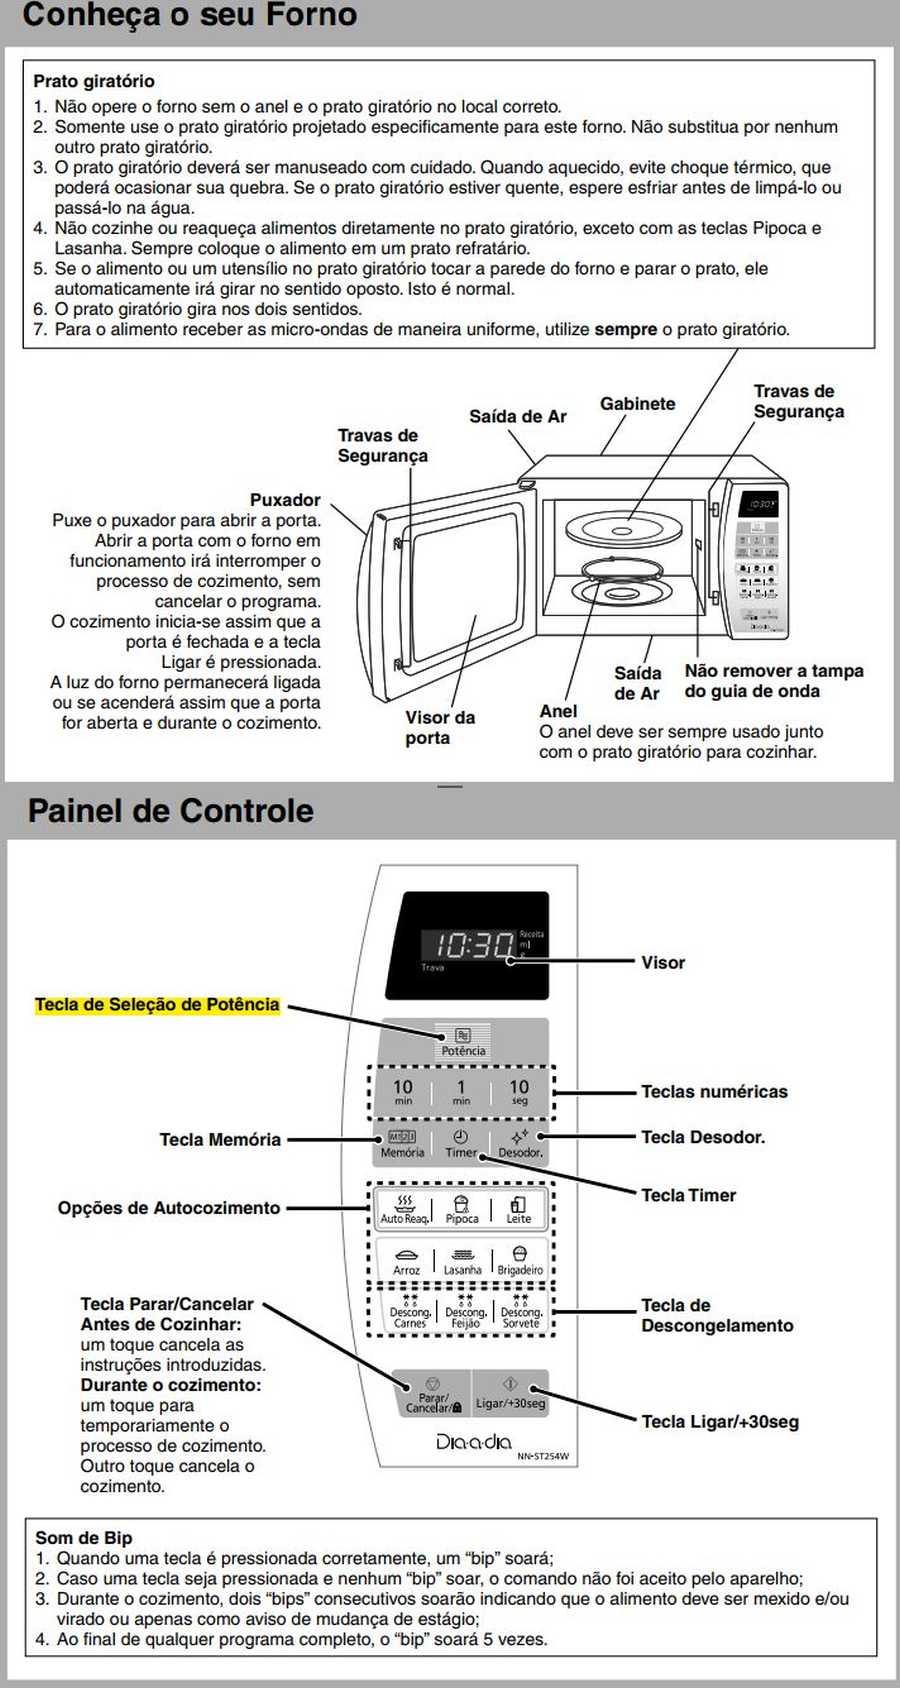 Manual de instruções do microondas Panasonic NN-ST254 - Conheça seu forno